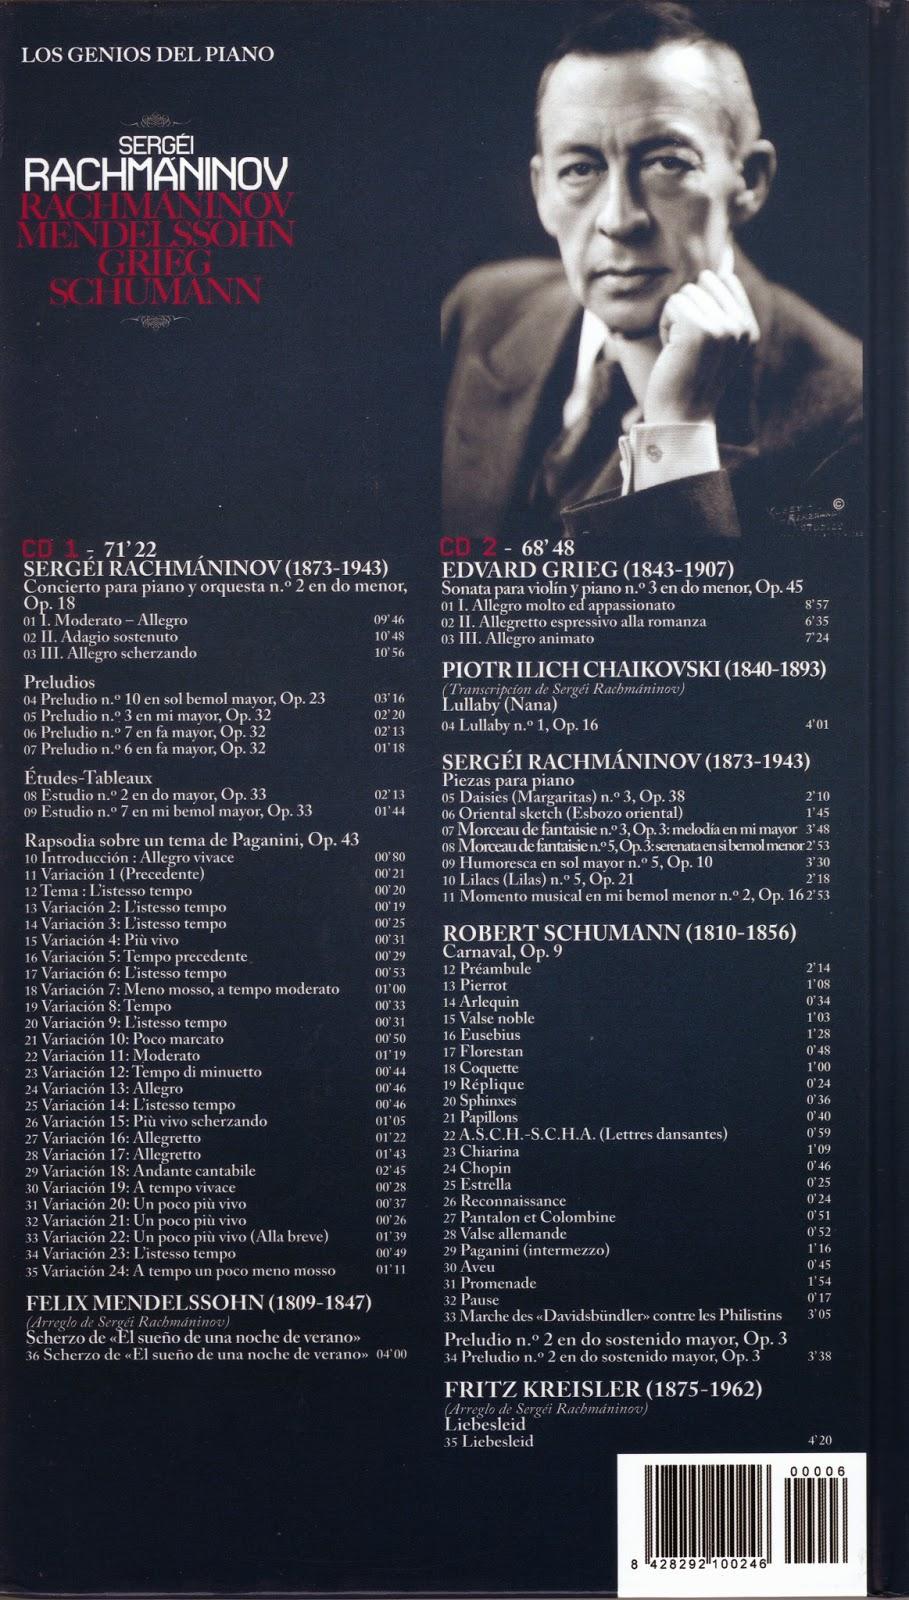 Imagen de Colección Los Genios del Piano-06-Sergei Rachmaninov & Mendelsshon, Grieg y Schumann-trasera